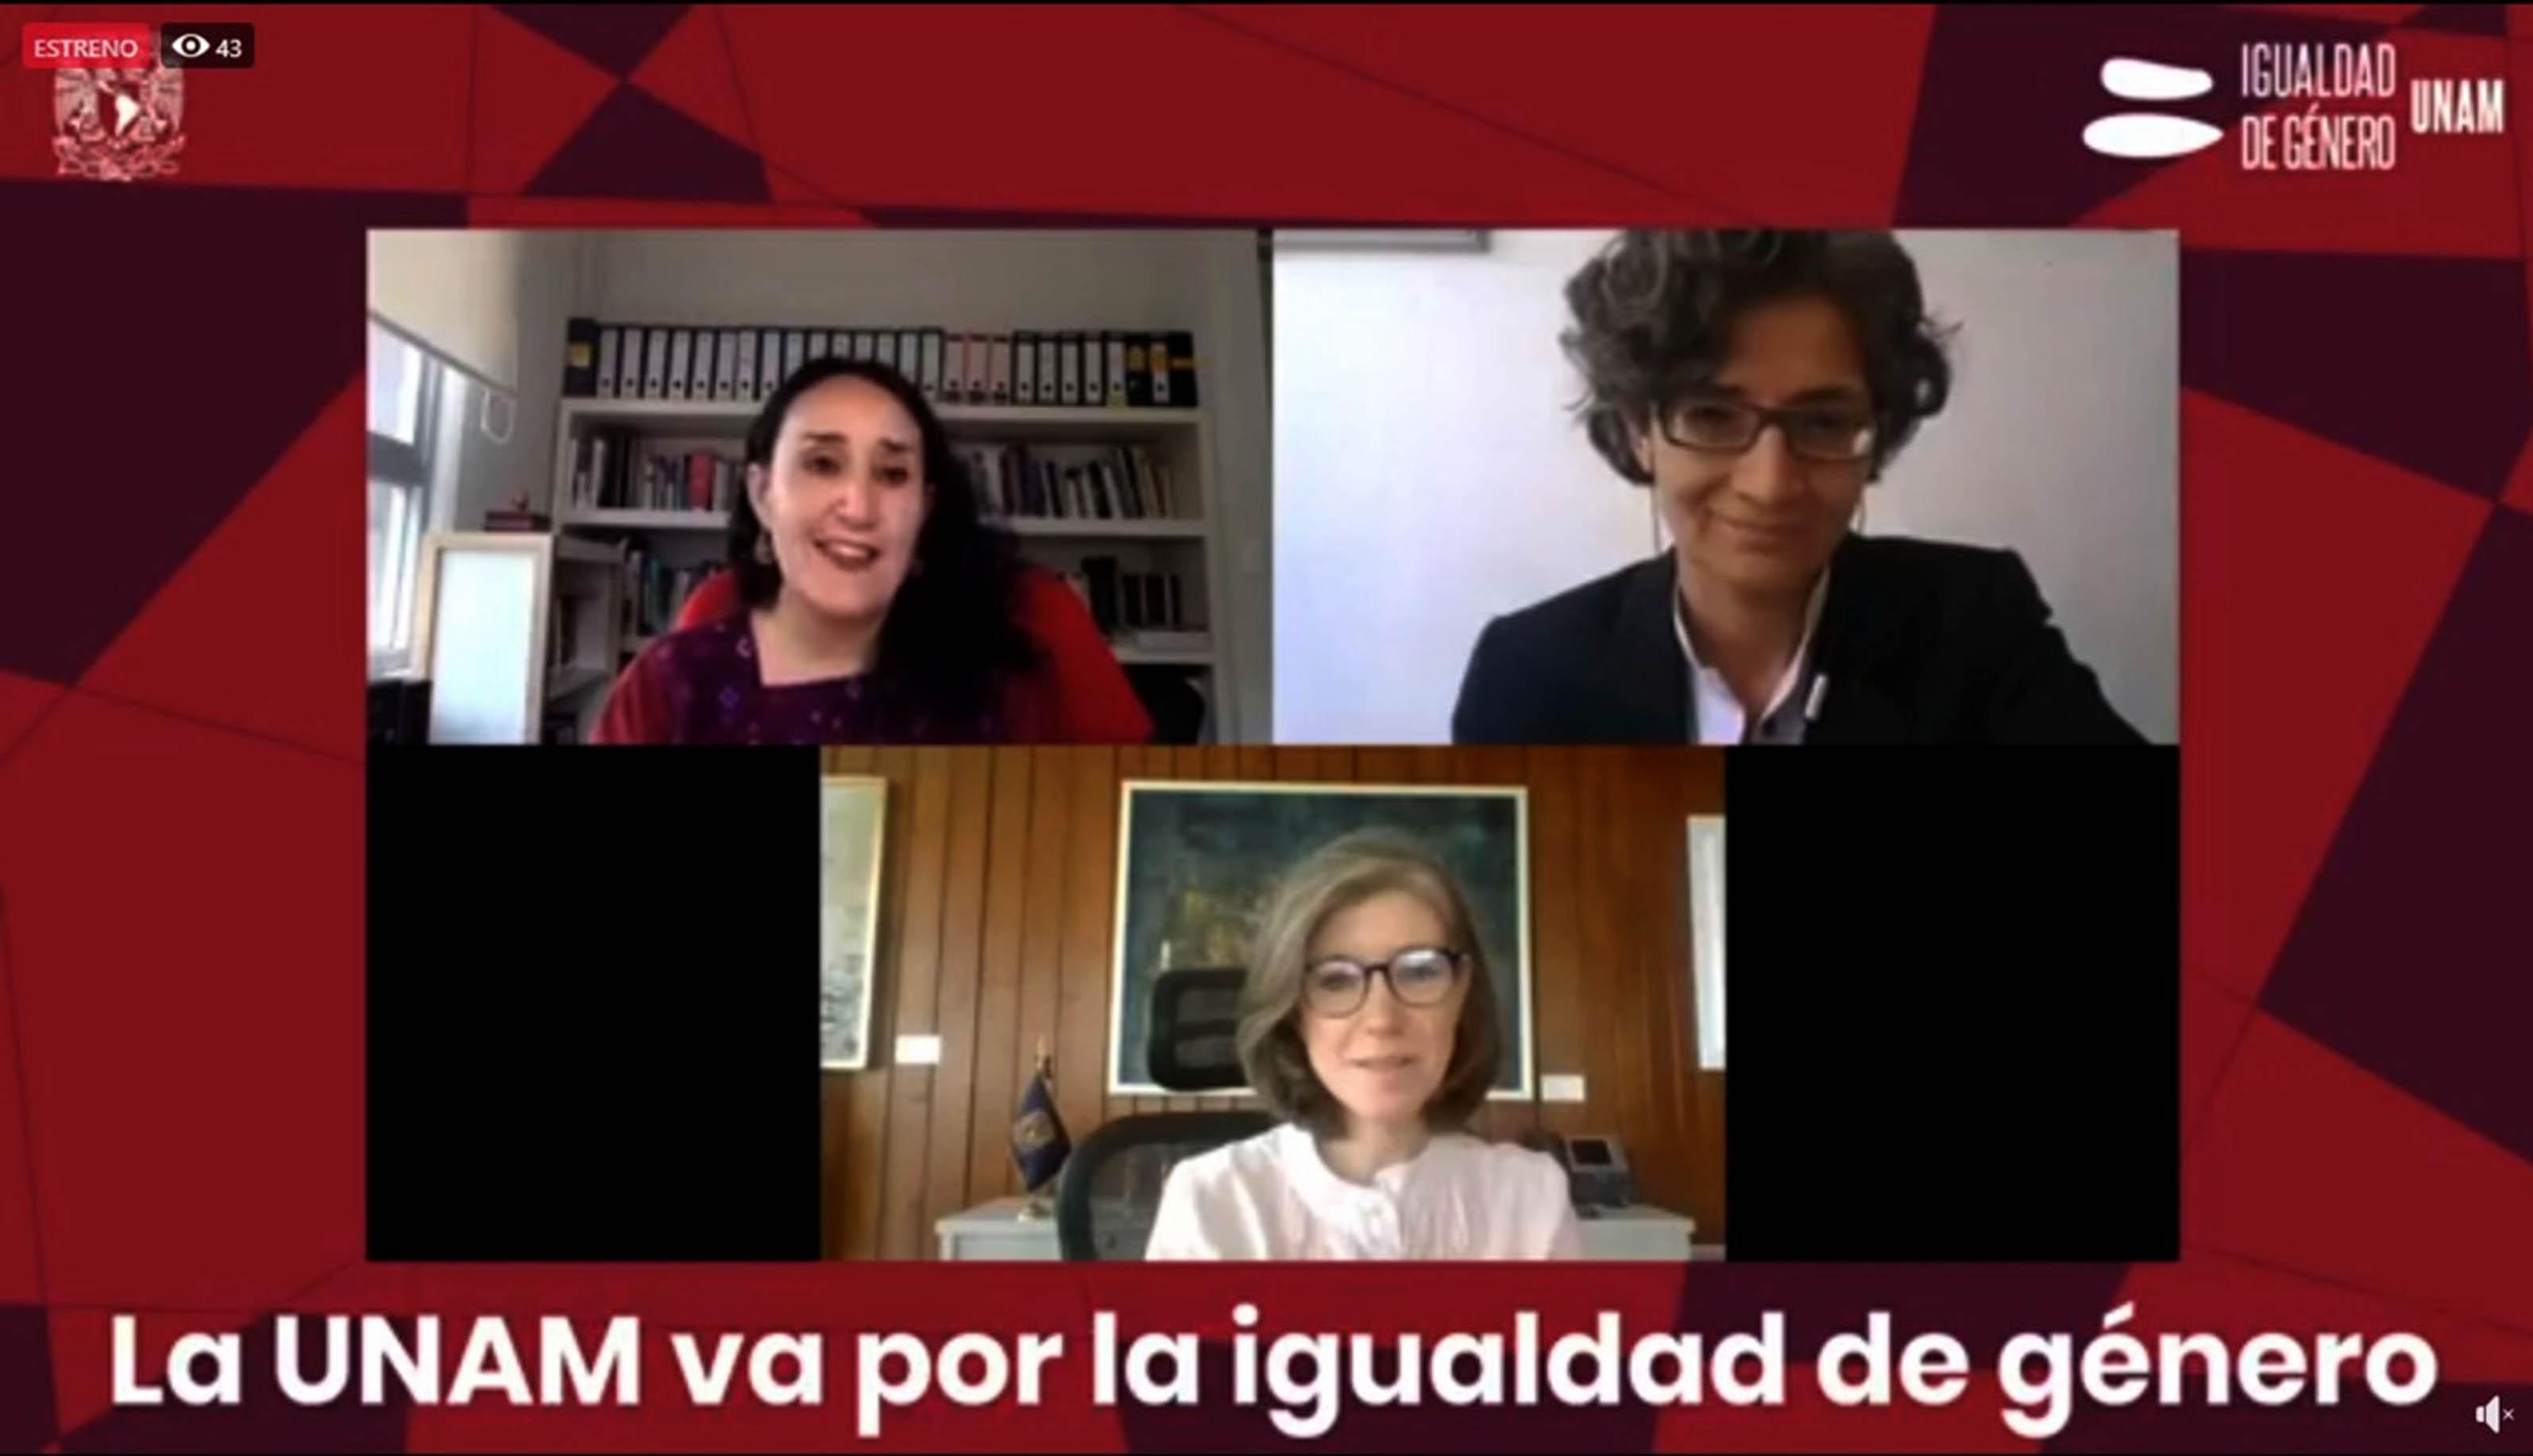 Avance sustancial de la UNAM en igualdad de género